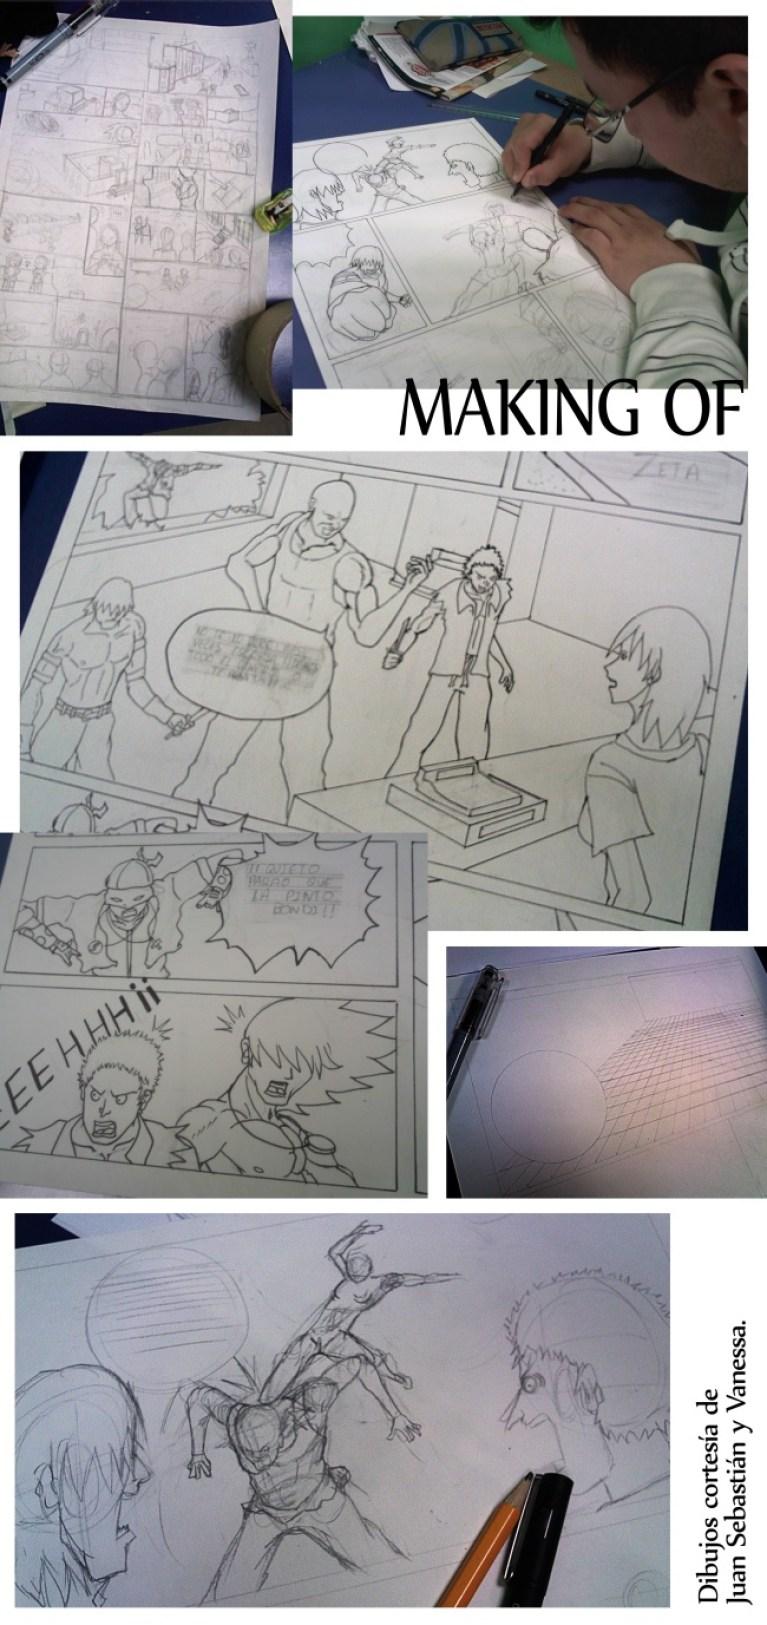 Paginas-proceso-AcademiaC10-comic-cursos-aprenderdibujo